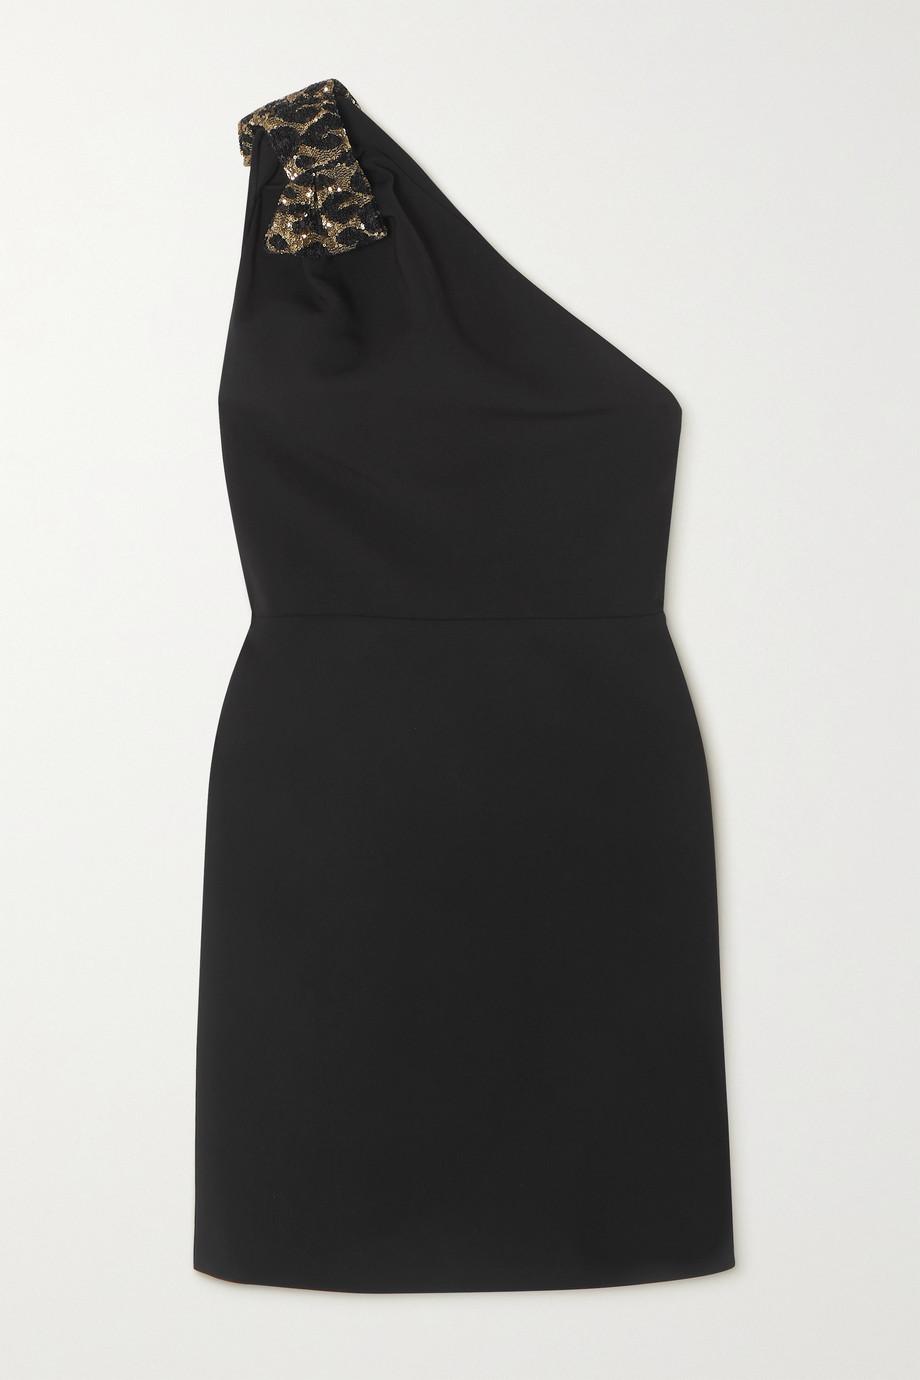 Miu Miu Minikleid aus Cady mit asymmetrischer Schulterpartie und paillettenbesetzter Schleife